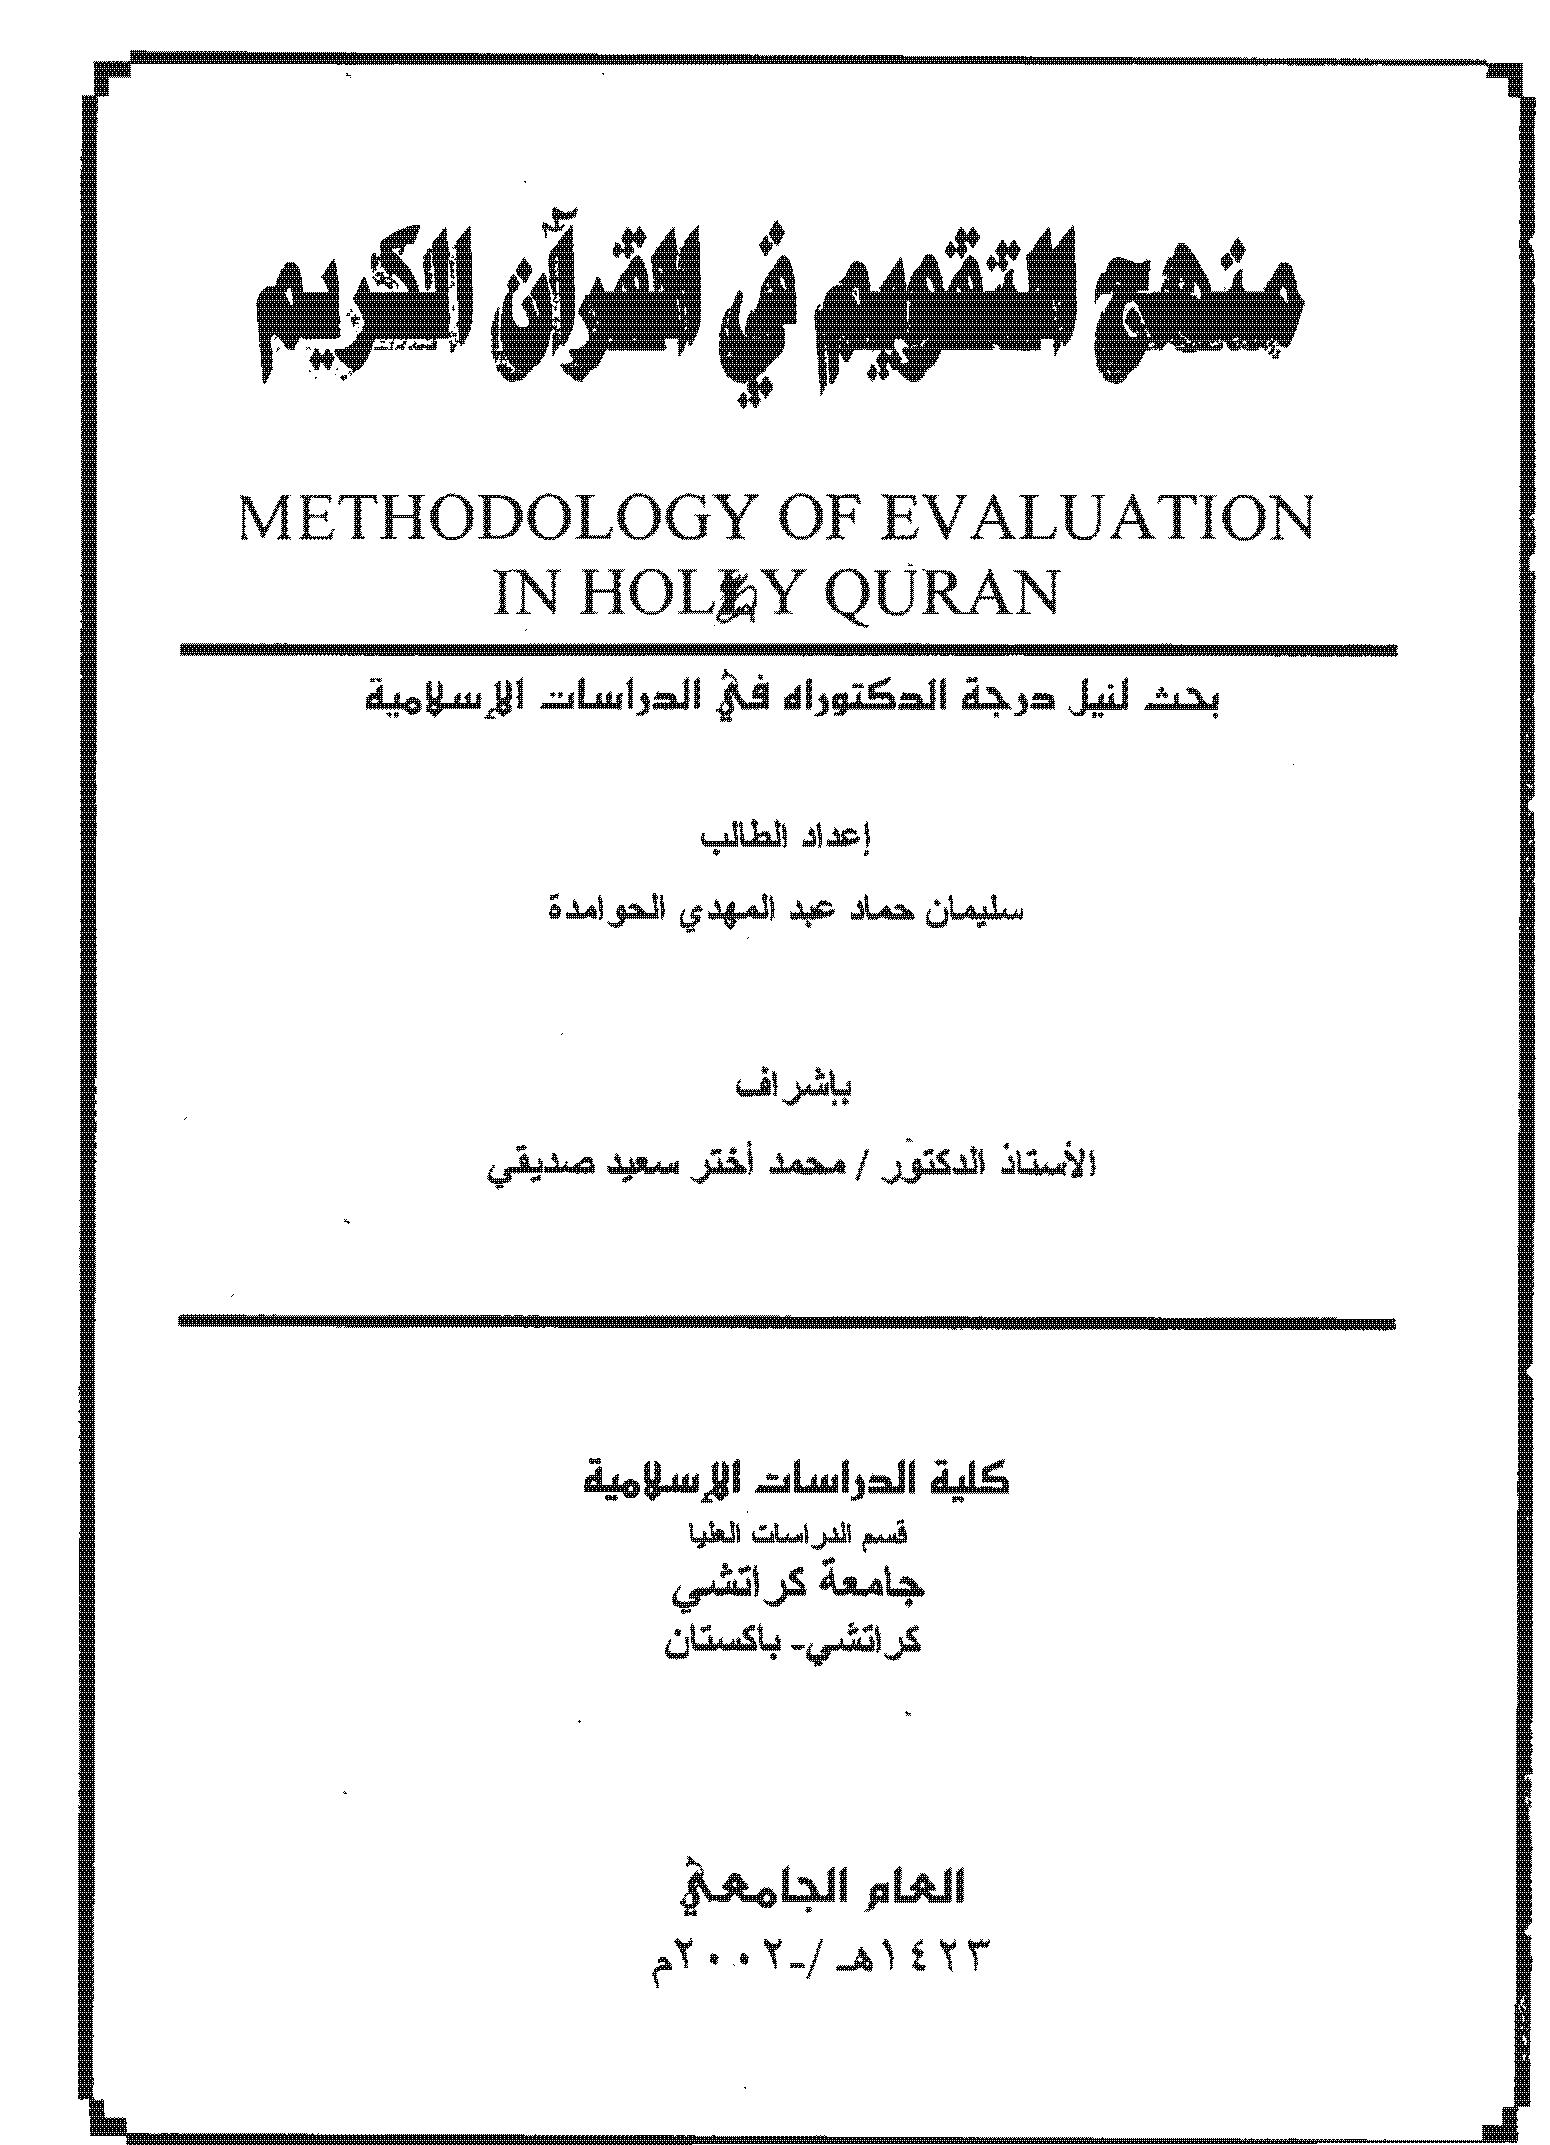 تحميل كتاب منهج التقويم في القرآن الكريم لـِ: الدكتور سليمان حماد عبد المهدي الحوامدة